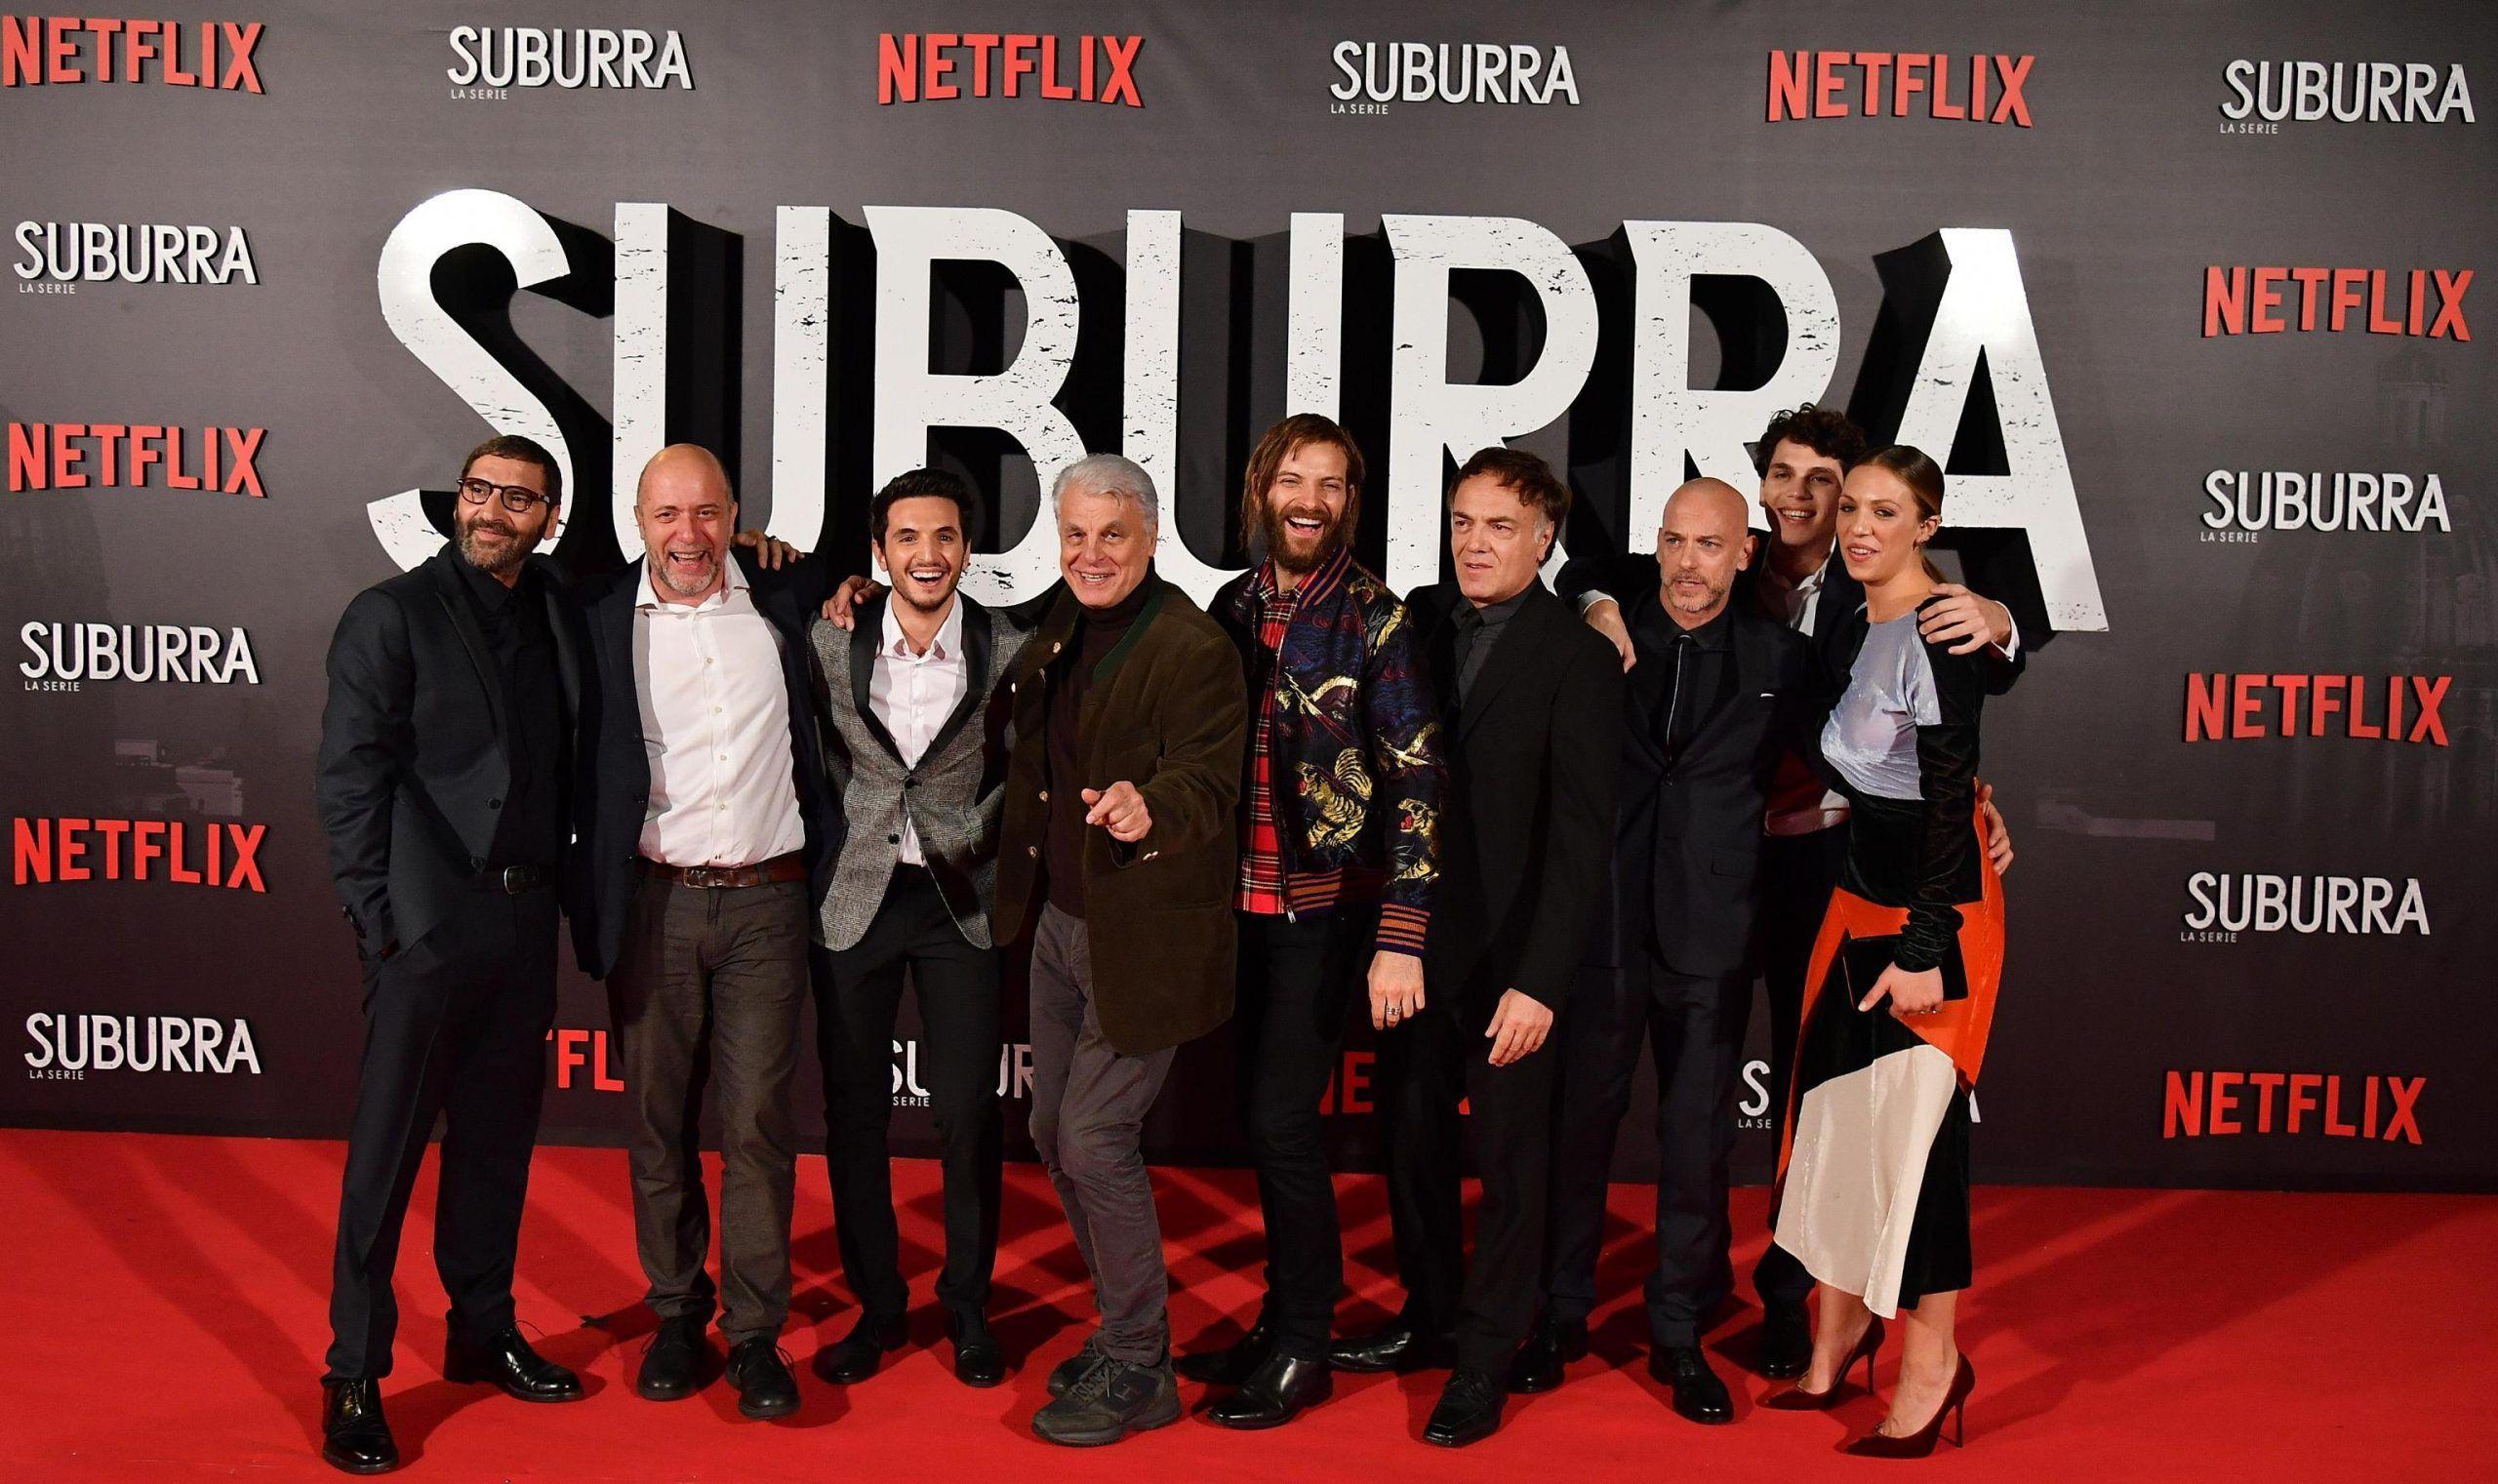 Premiere of 'Suburra La Serie' in Rome